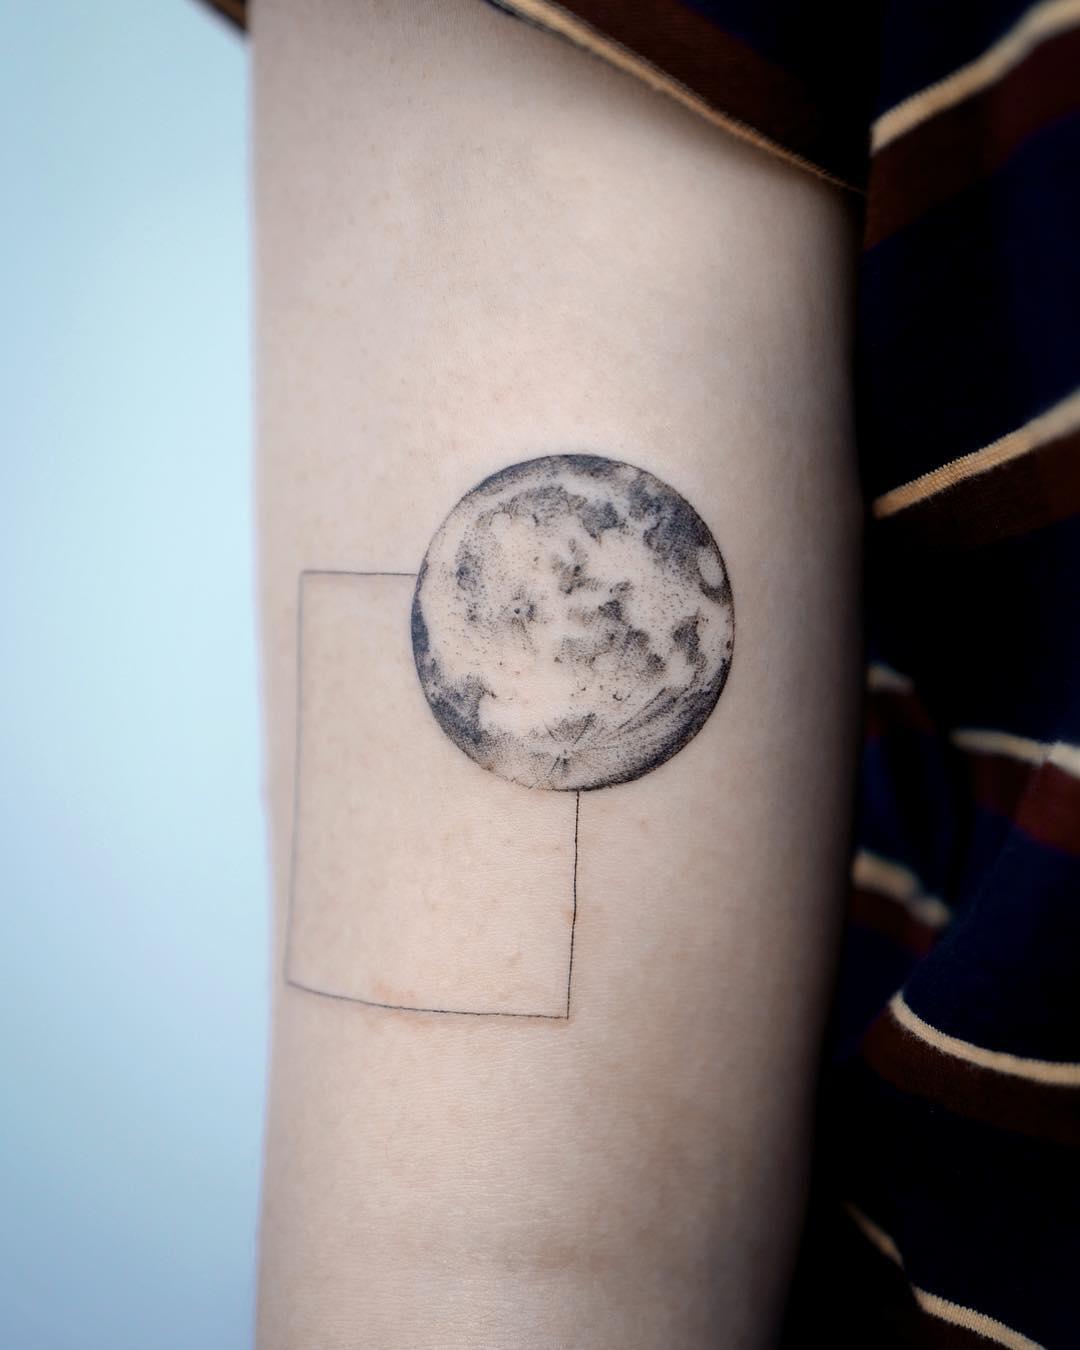 Full moon tattoo by Studio Bysol